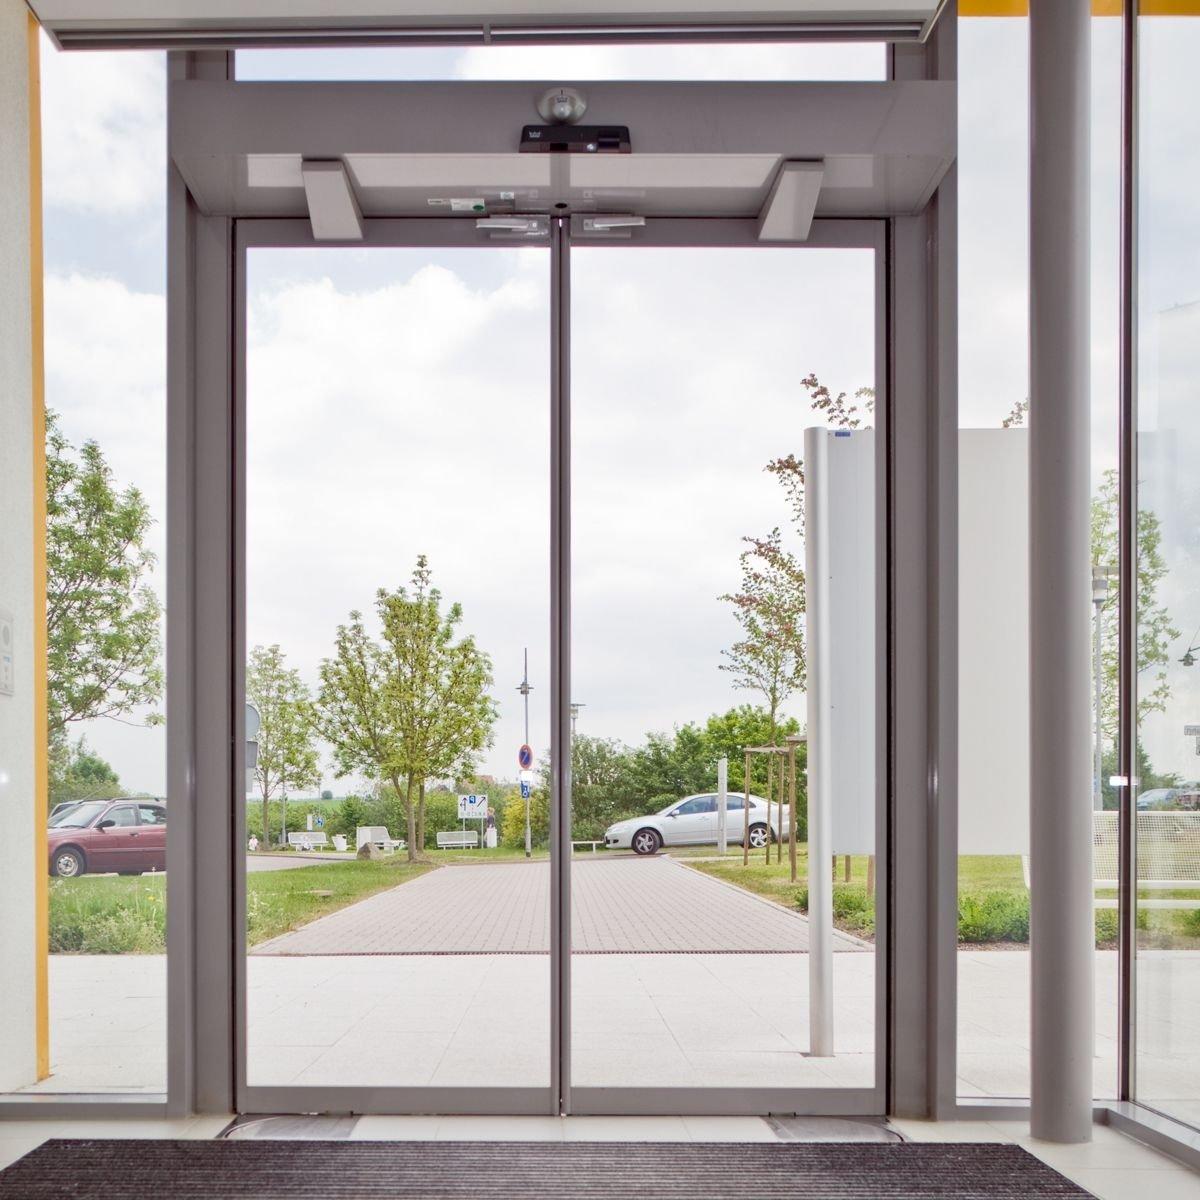 Автоматическая дверь с механизмом открывания